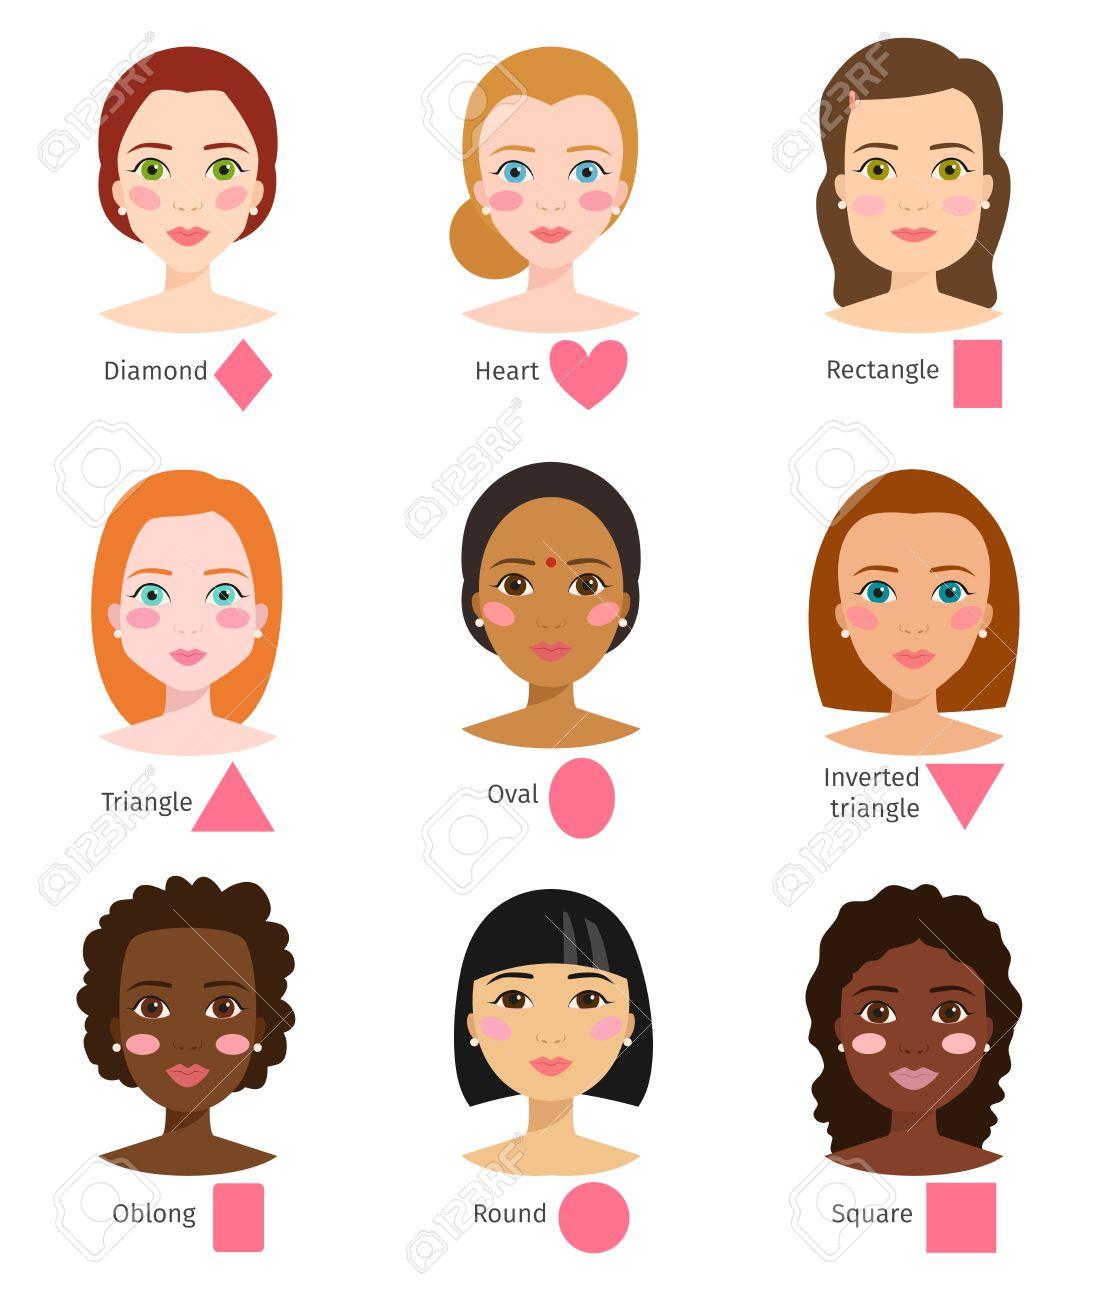 7742477c99 Conjunto De Los Diferentes Tipos De Cara Mujer Da Forma A La Cabeza  Femenina Carácter De Vector. Tipos De Cara Y La Cabeza Hembra Cuadrada Tipos  De Cara Del ...